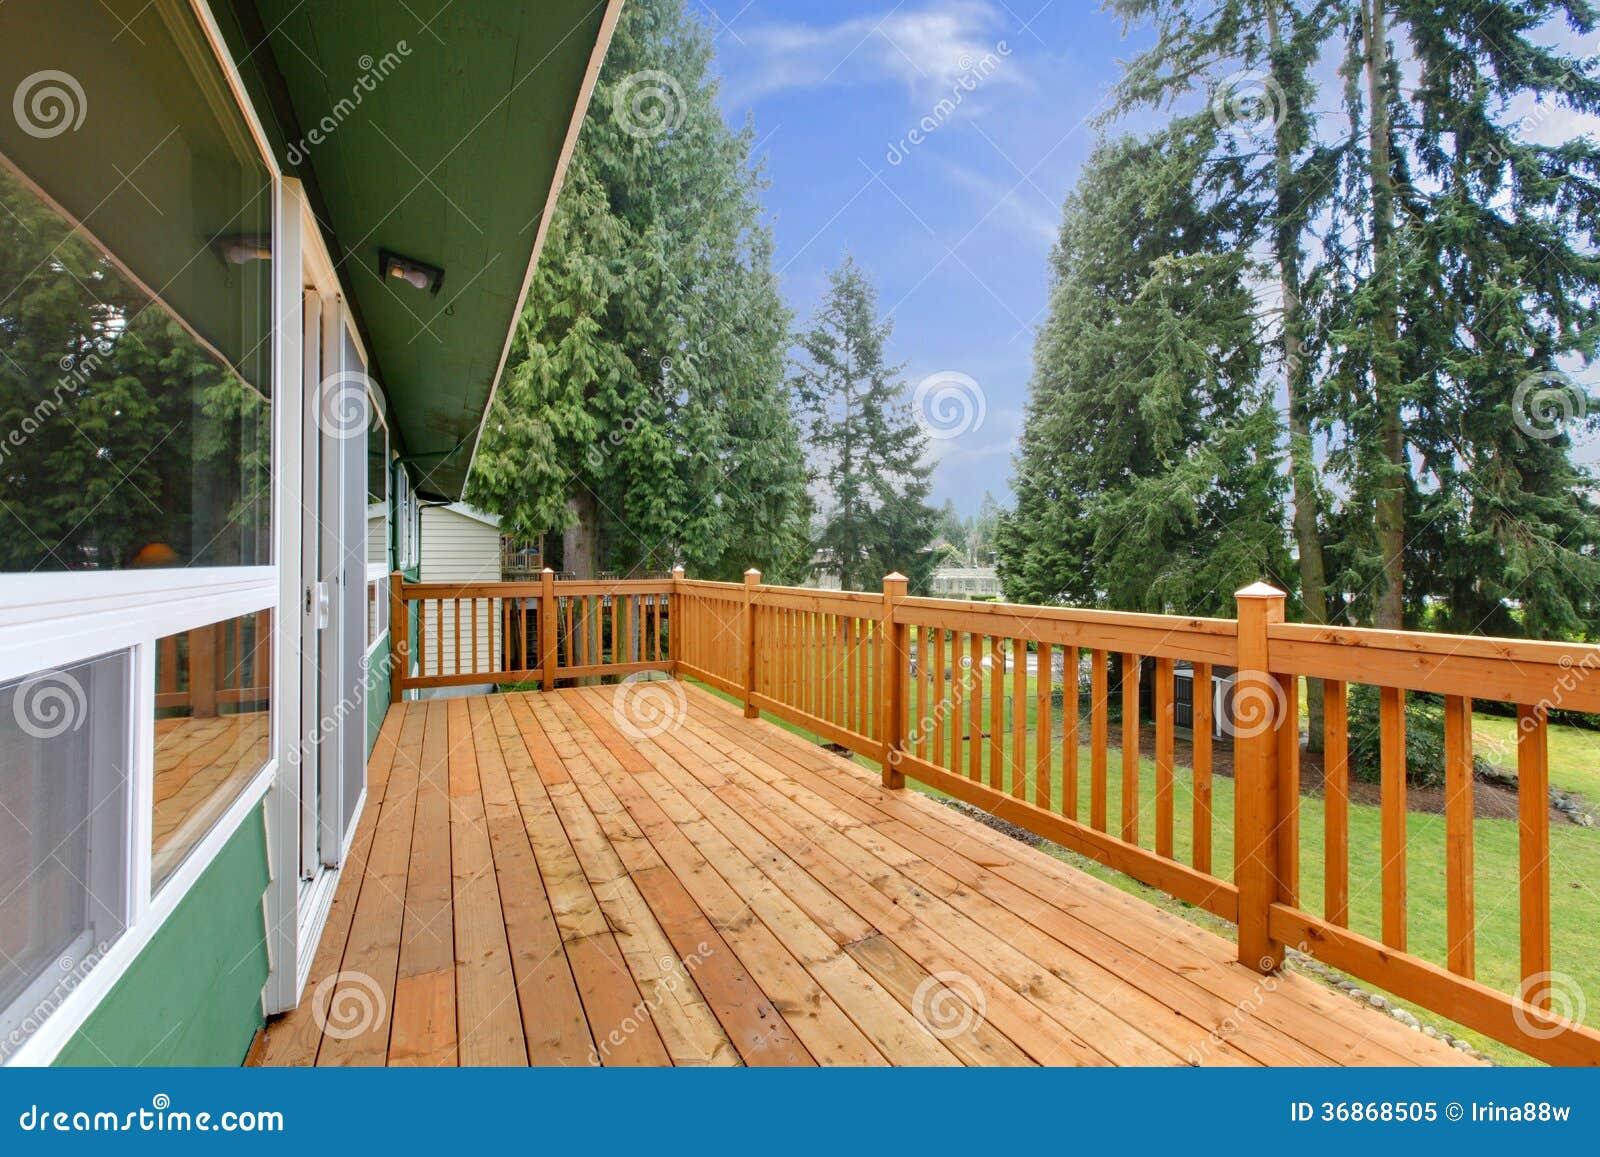 Casa stile country con un grande portico di legno immagine for Casa in stile ranch con portico